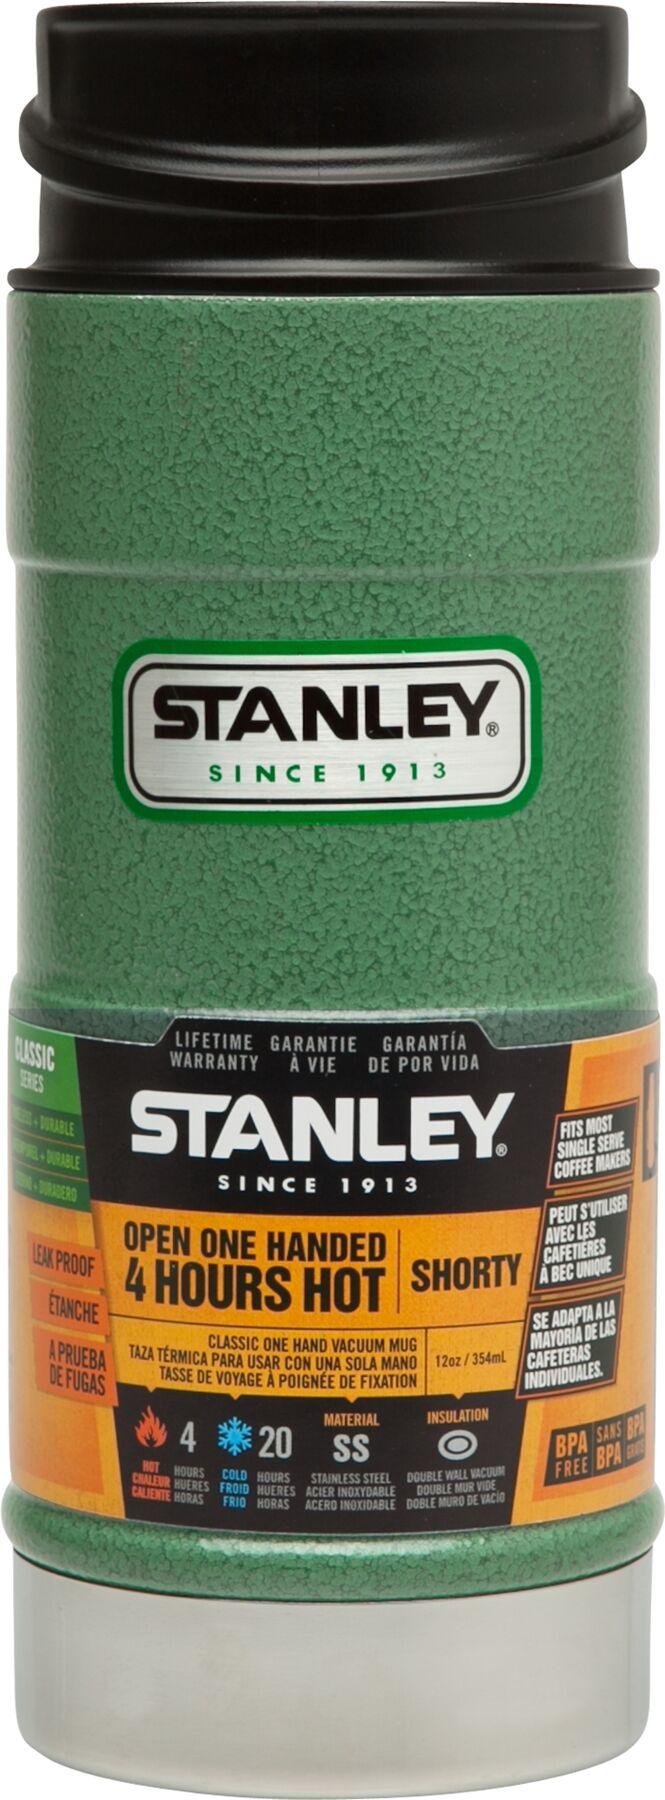 Billede af Stanley Classic 1hand Mug 0,35L Grøn